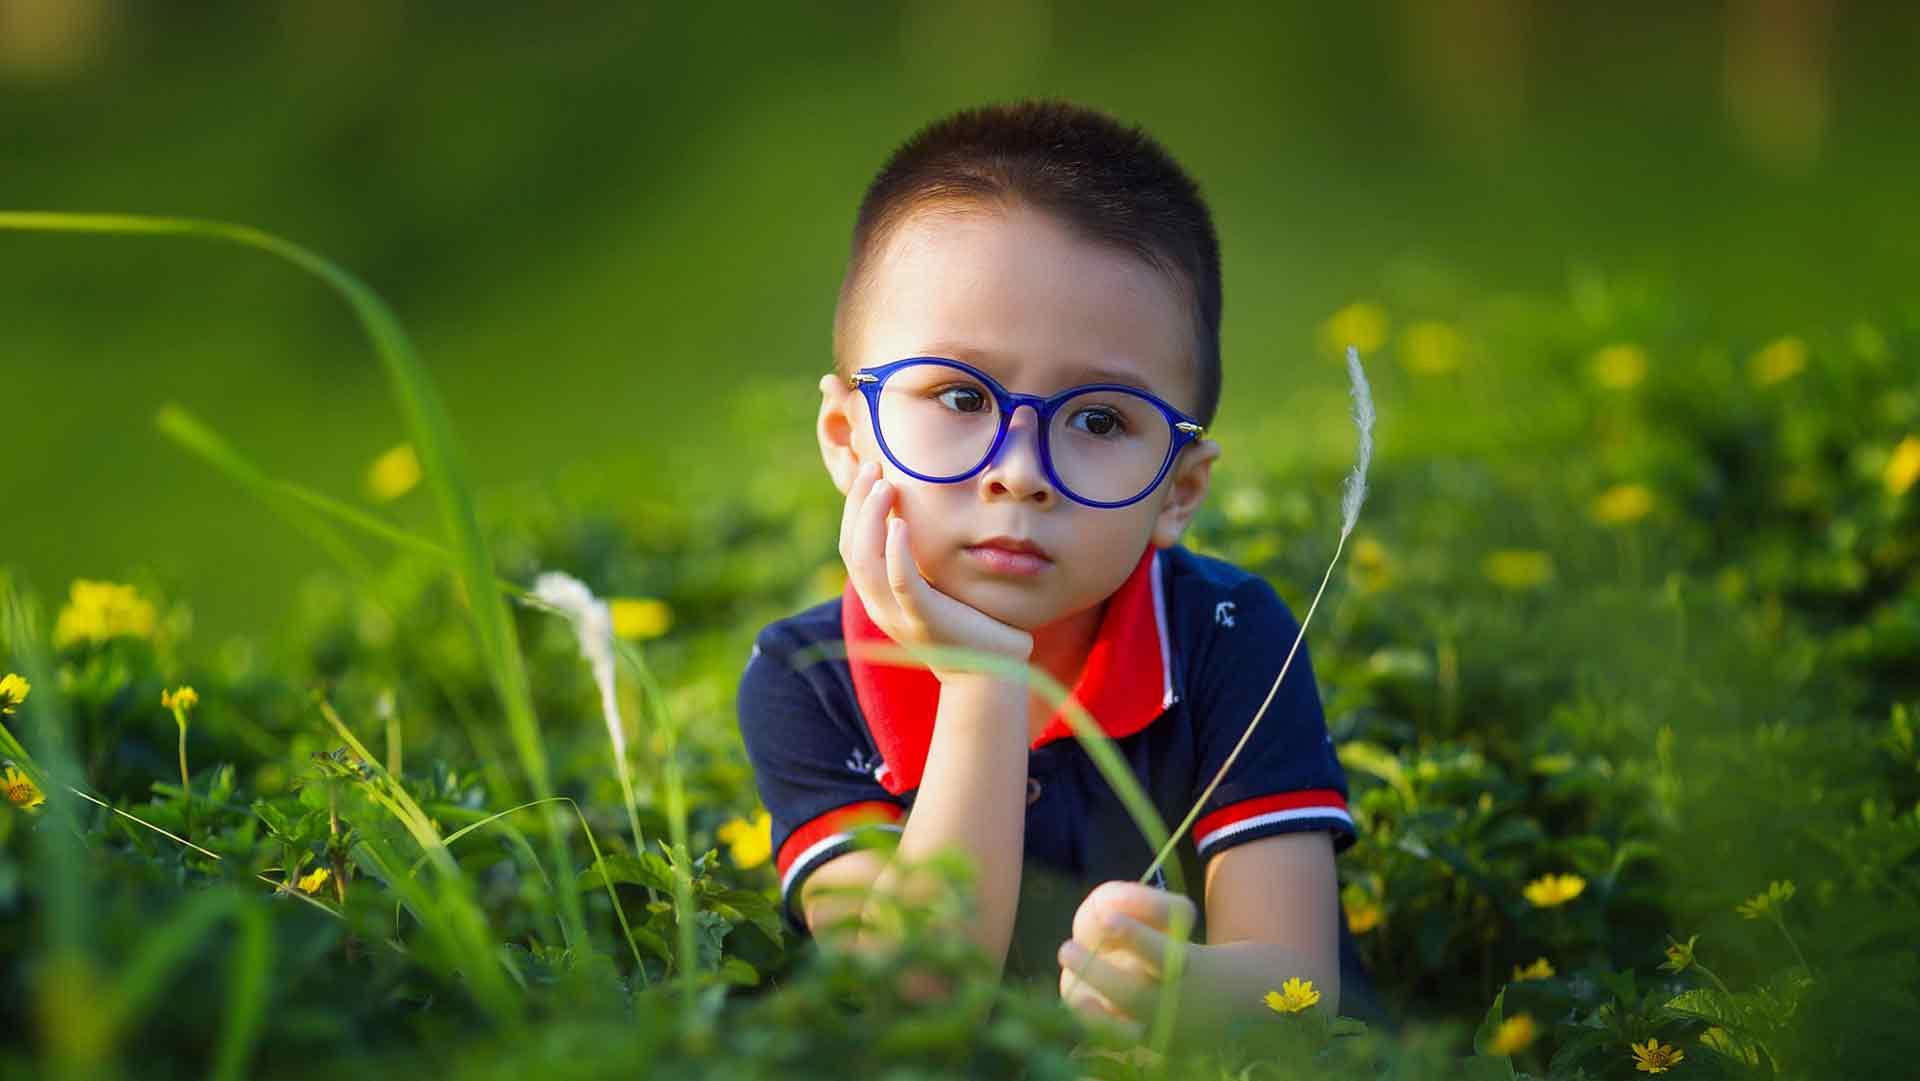 Psicologo e psicoterapeuta per bambini a Parma